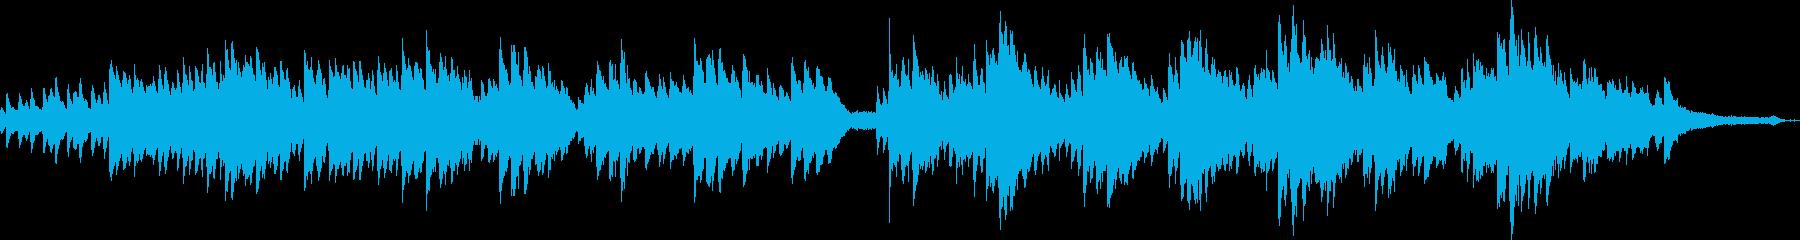 感情をそそる弦楽器セクションに裏打...の再生済みの波形